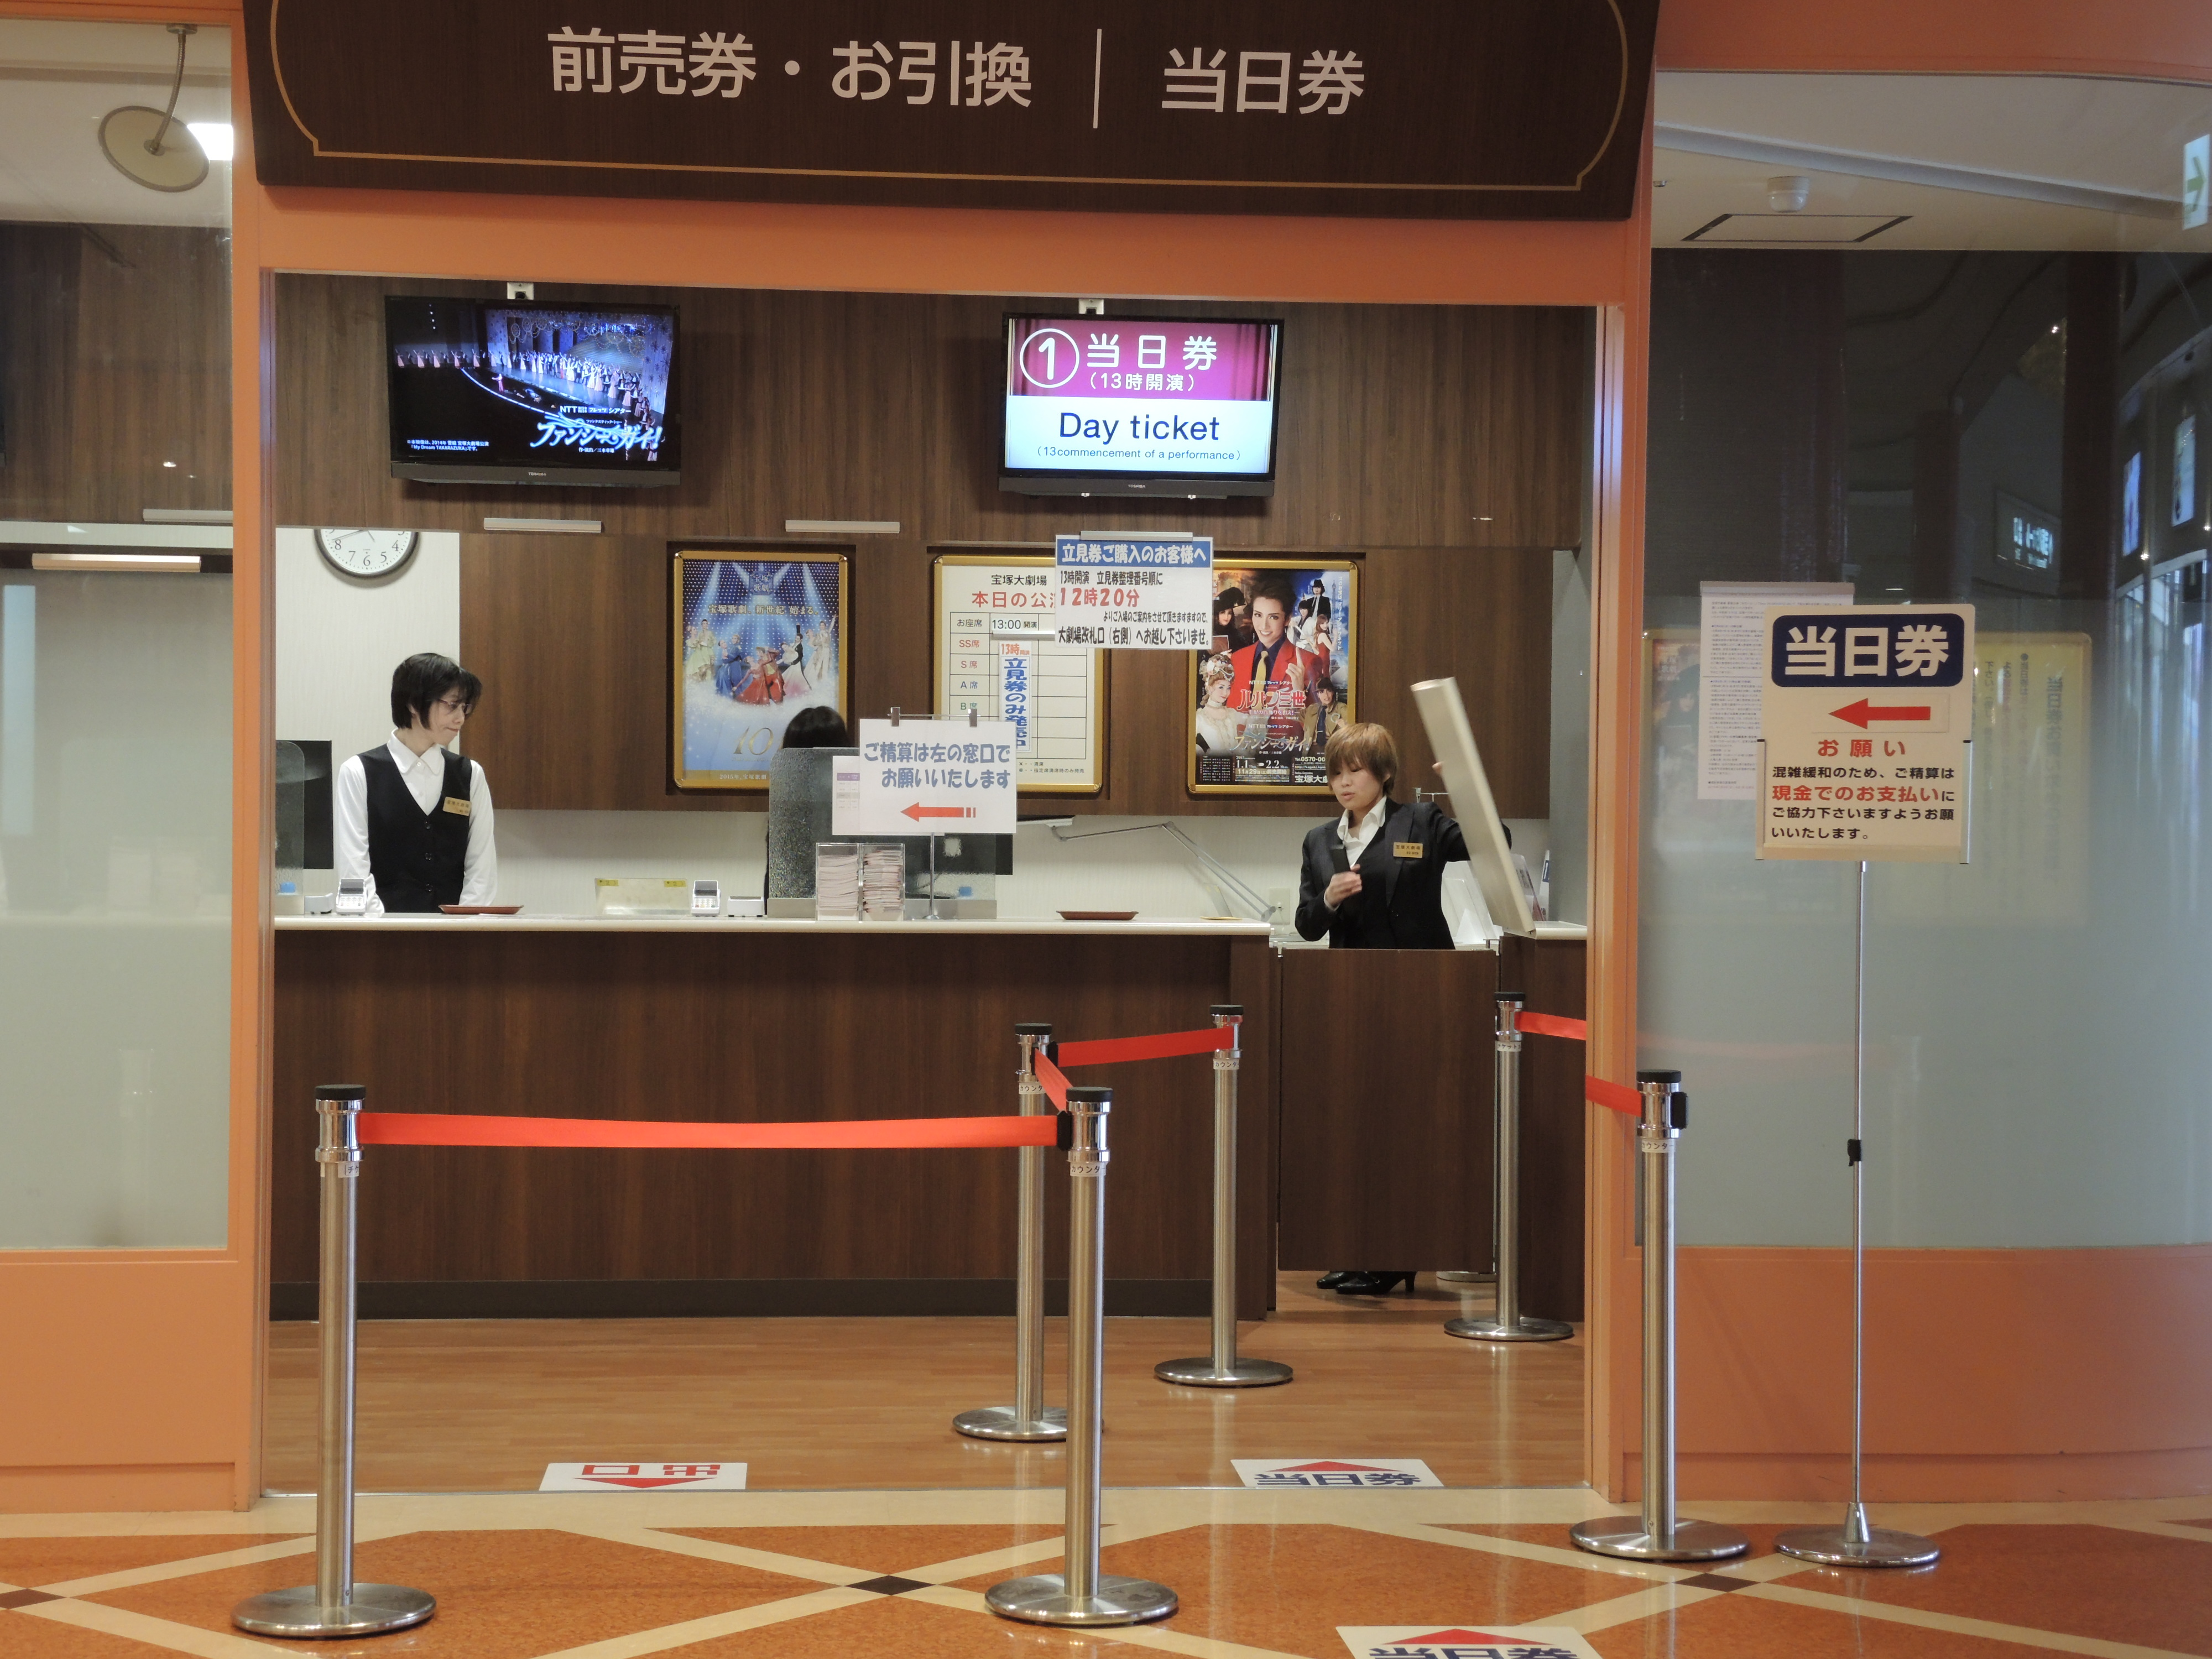 售票所(圖片來源:可樂旅遊 蕭若玫)